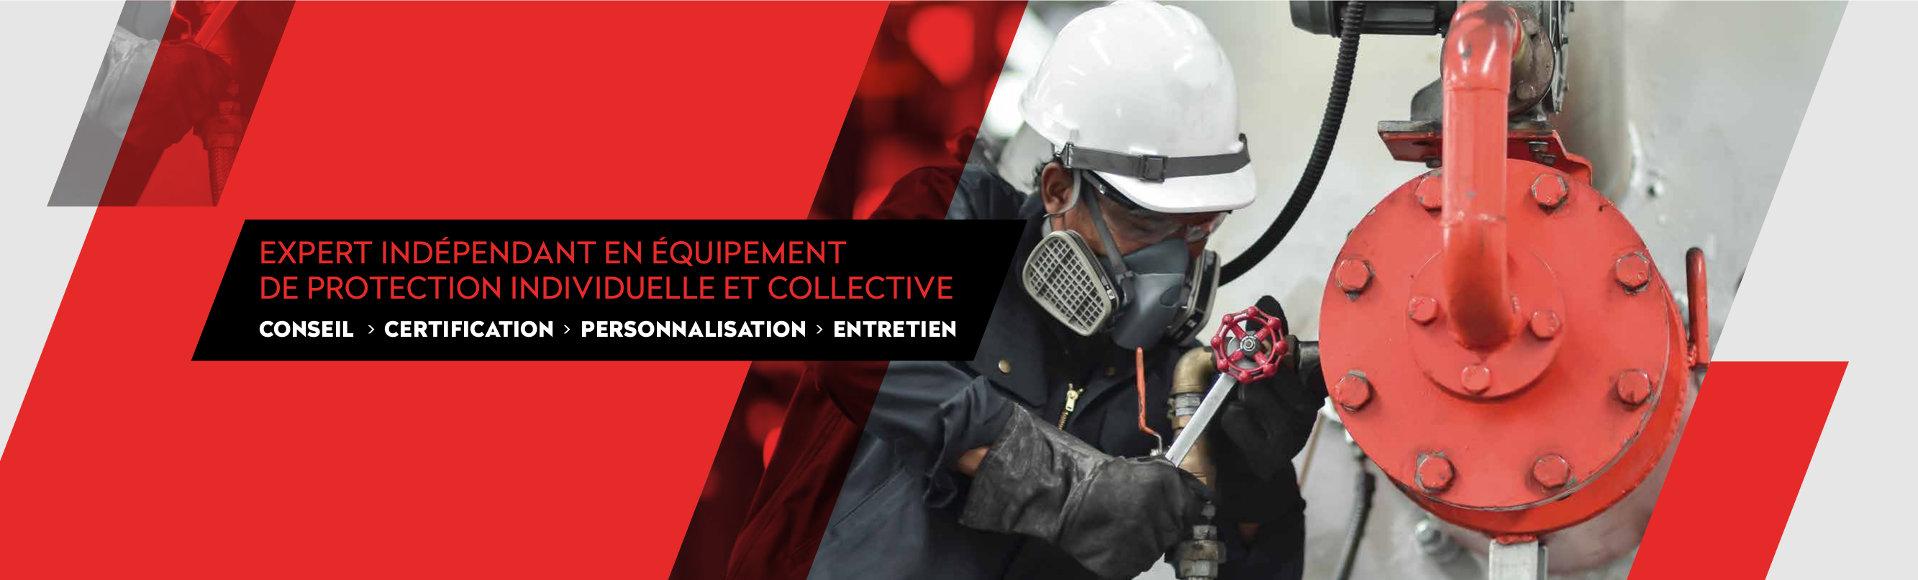 Expert indépendant en équipement de protection individuelle et collective